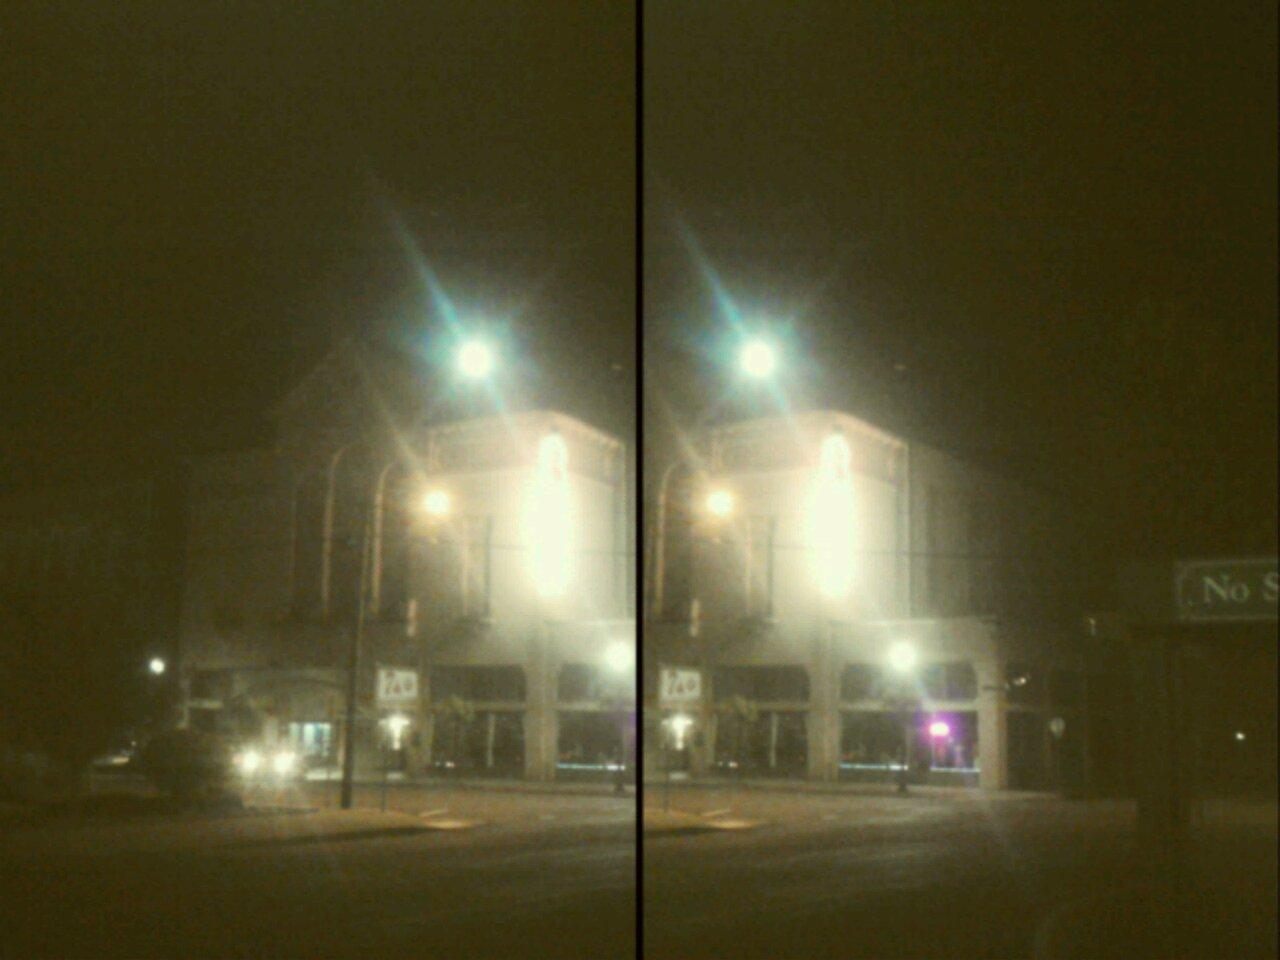 Le moon et theatre